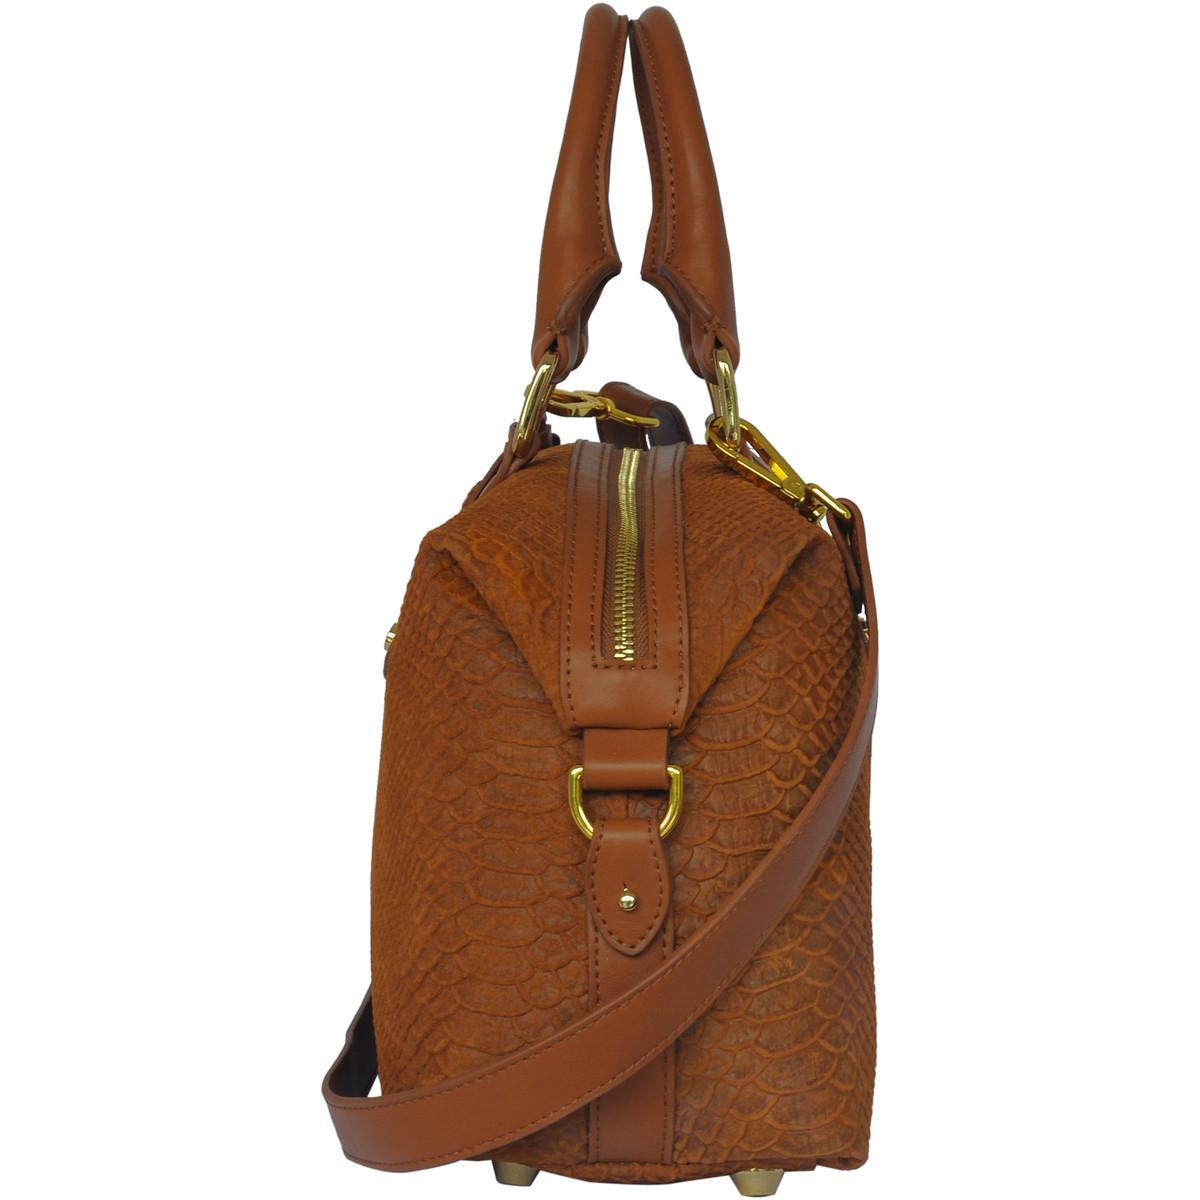 Silvio Tossi - Swiss Label Handtasche Handtasche 11530-01 in Braun BcxlU